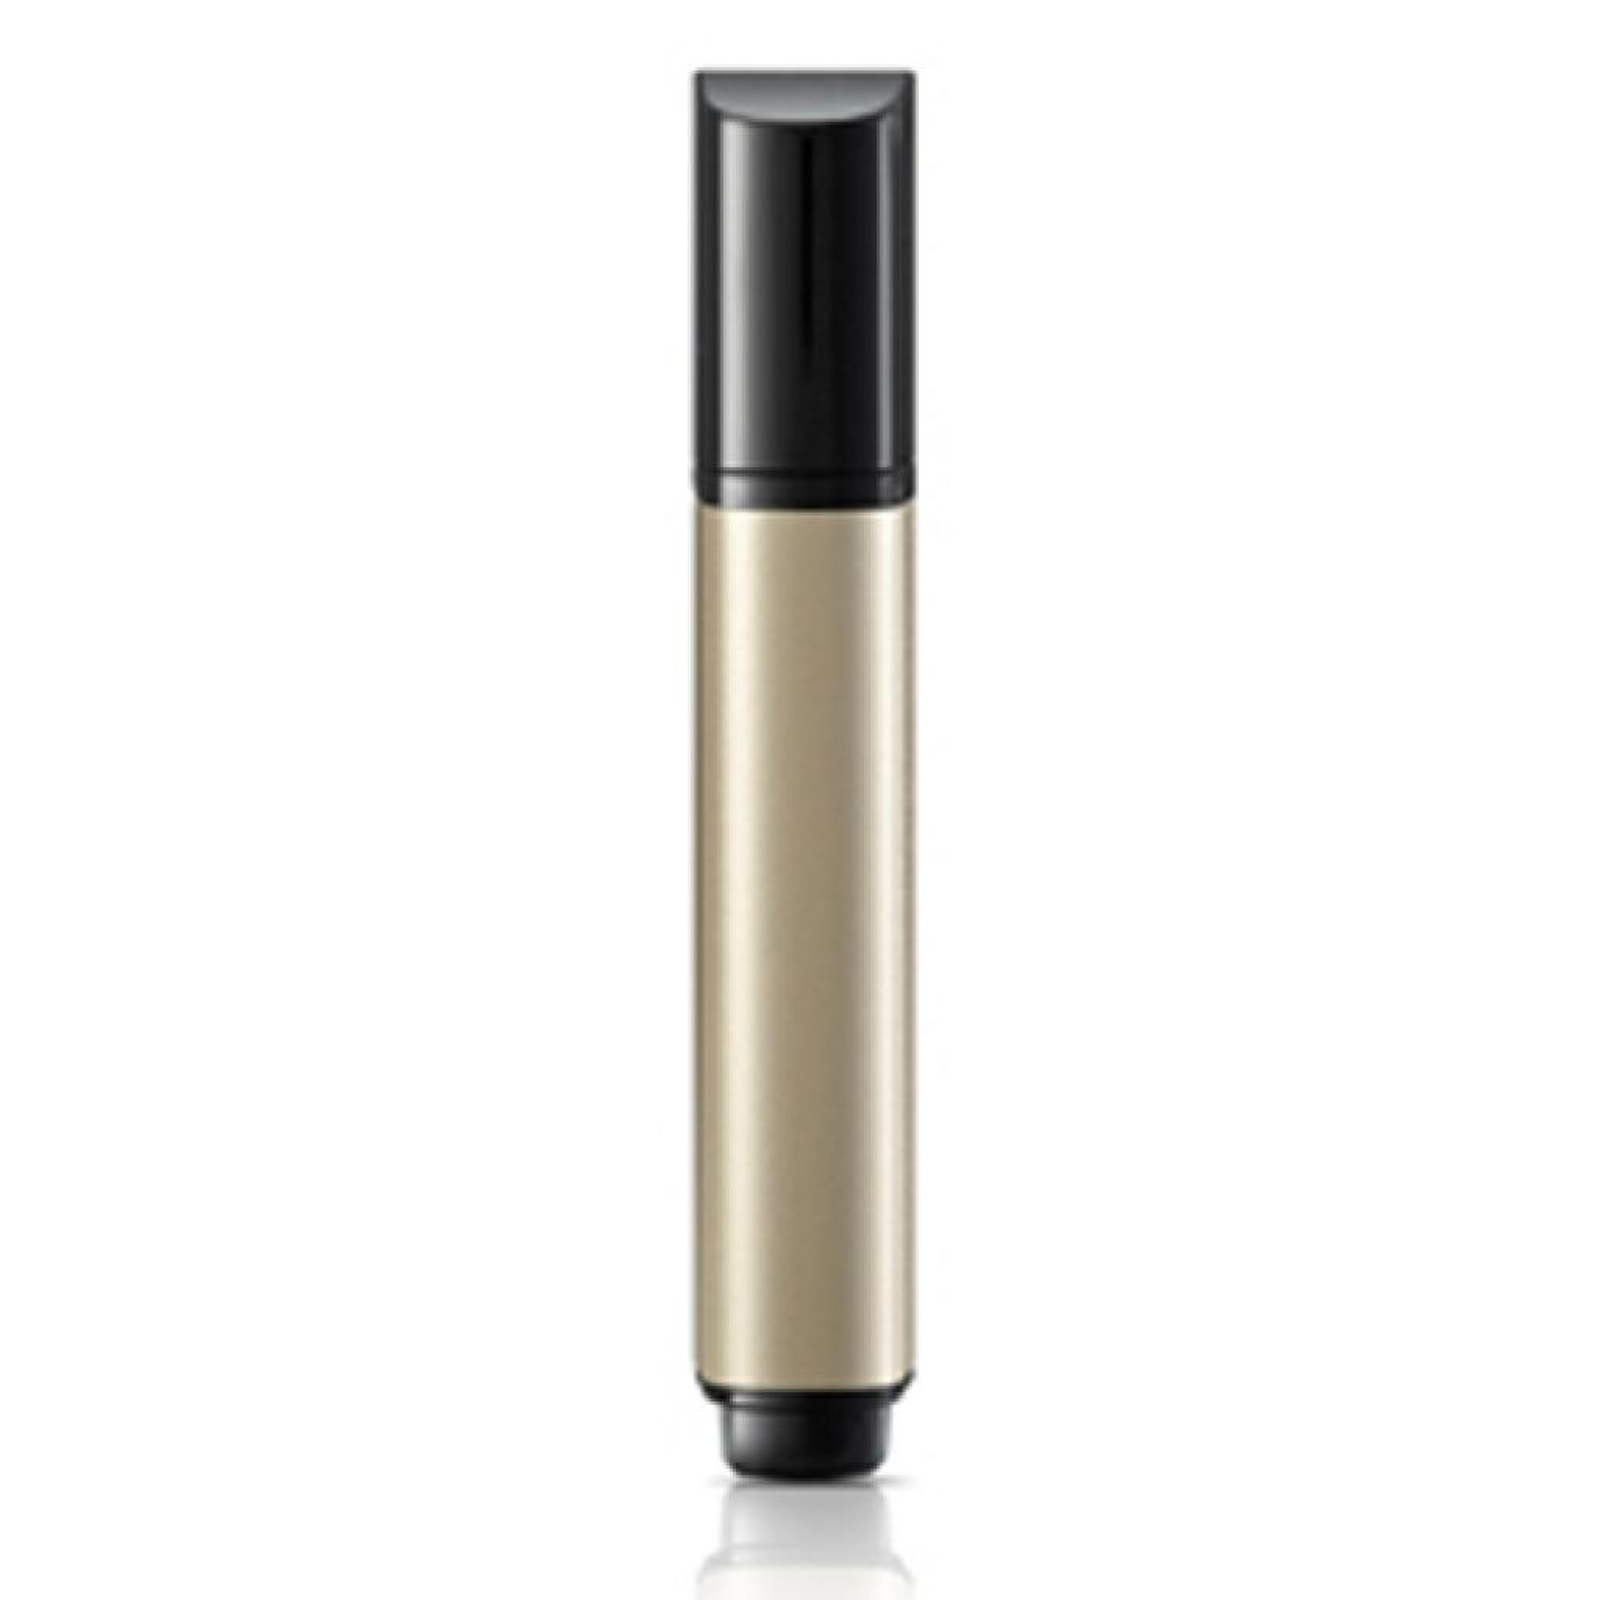 USB флеш накопитель 32GB AH353 Champagne Gold RP USB3.0 Apacer (AP32GAH353C-1) изображение 3